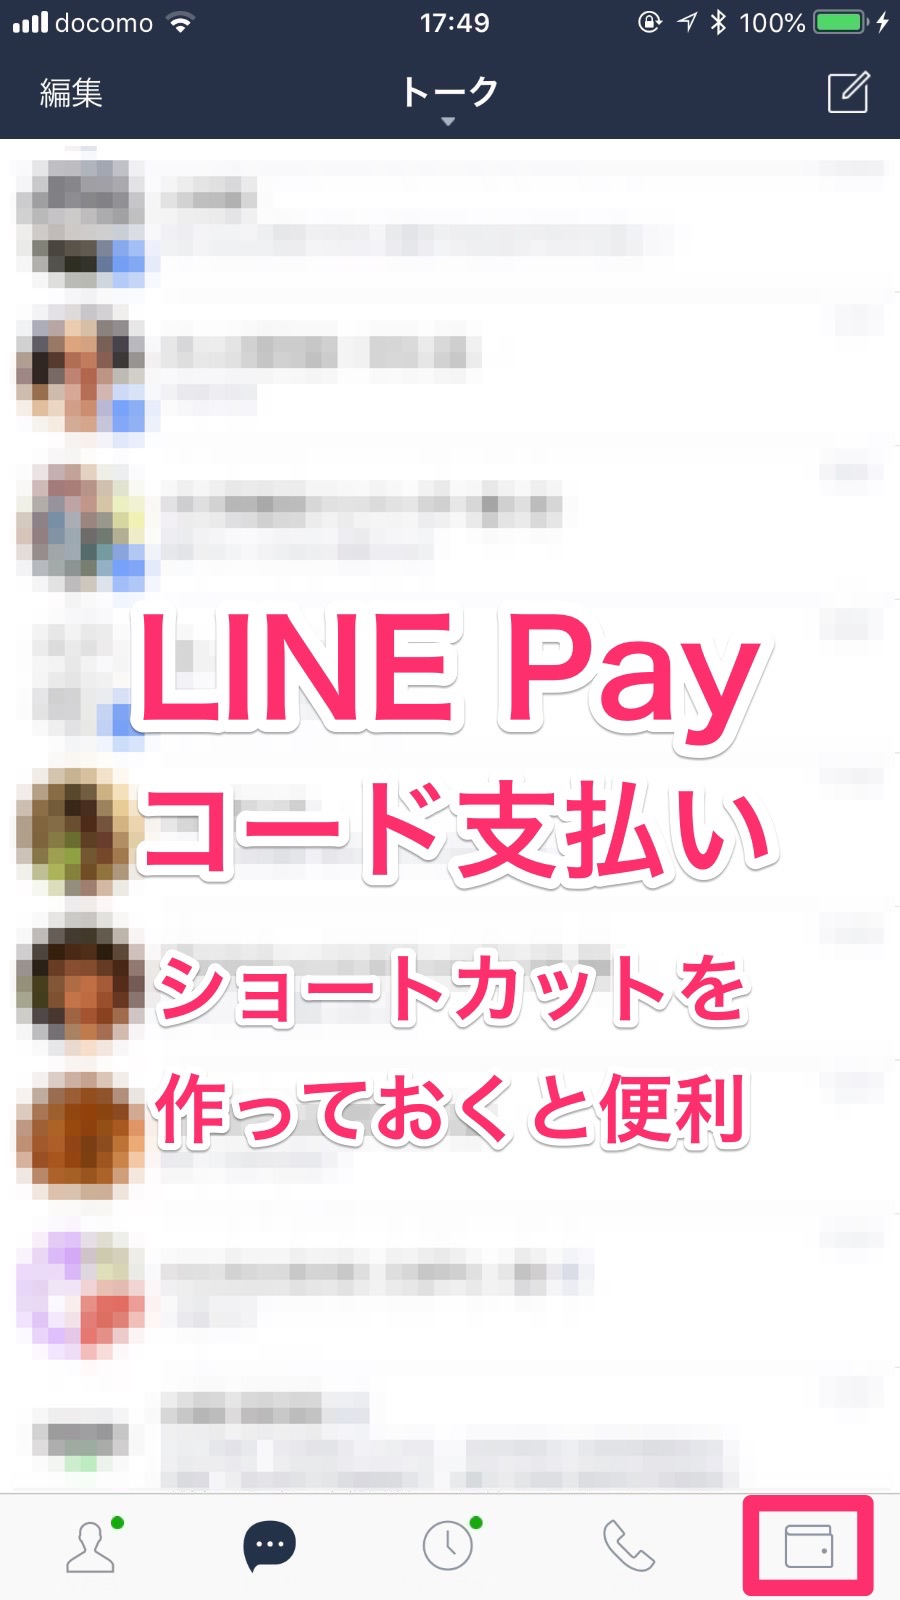 【LINE Pay】コード支払いのショートカットを作成しておくと便利